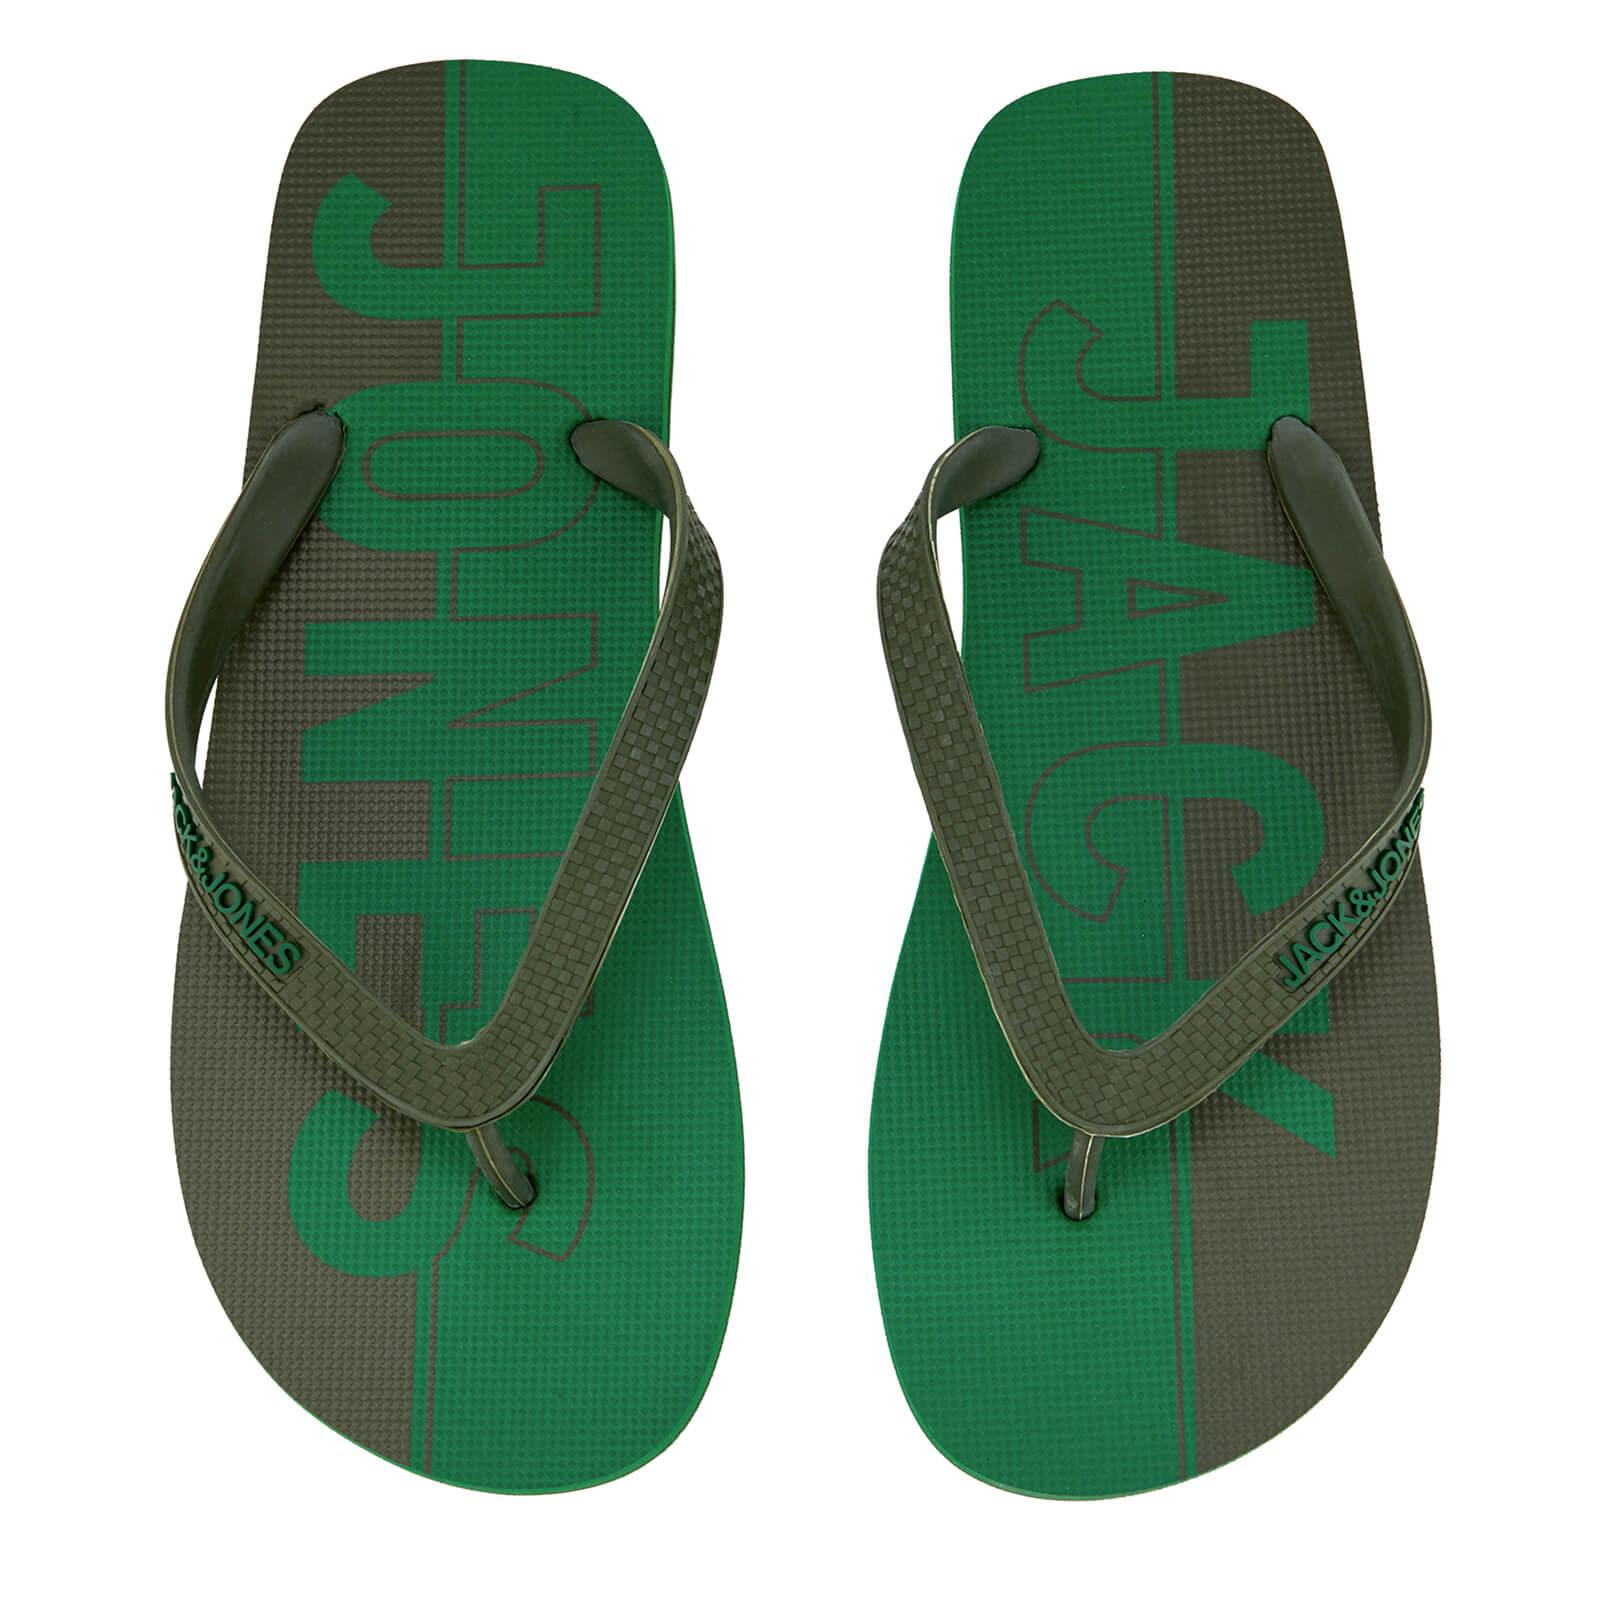 Jack & Jones Men's Logo Flip Flops - Amazon/Rifle Green - UK 6-7/EU 40-41 - Green